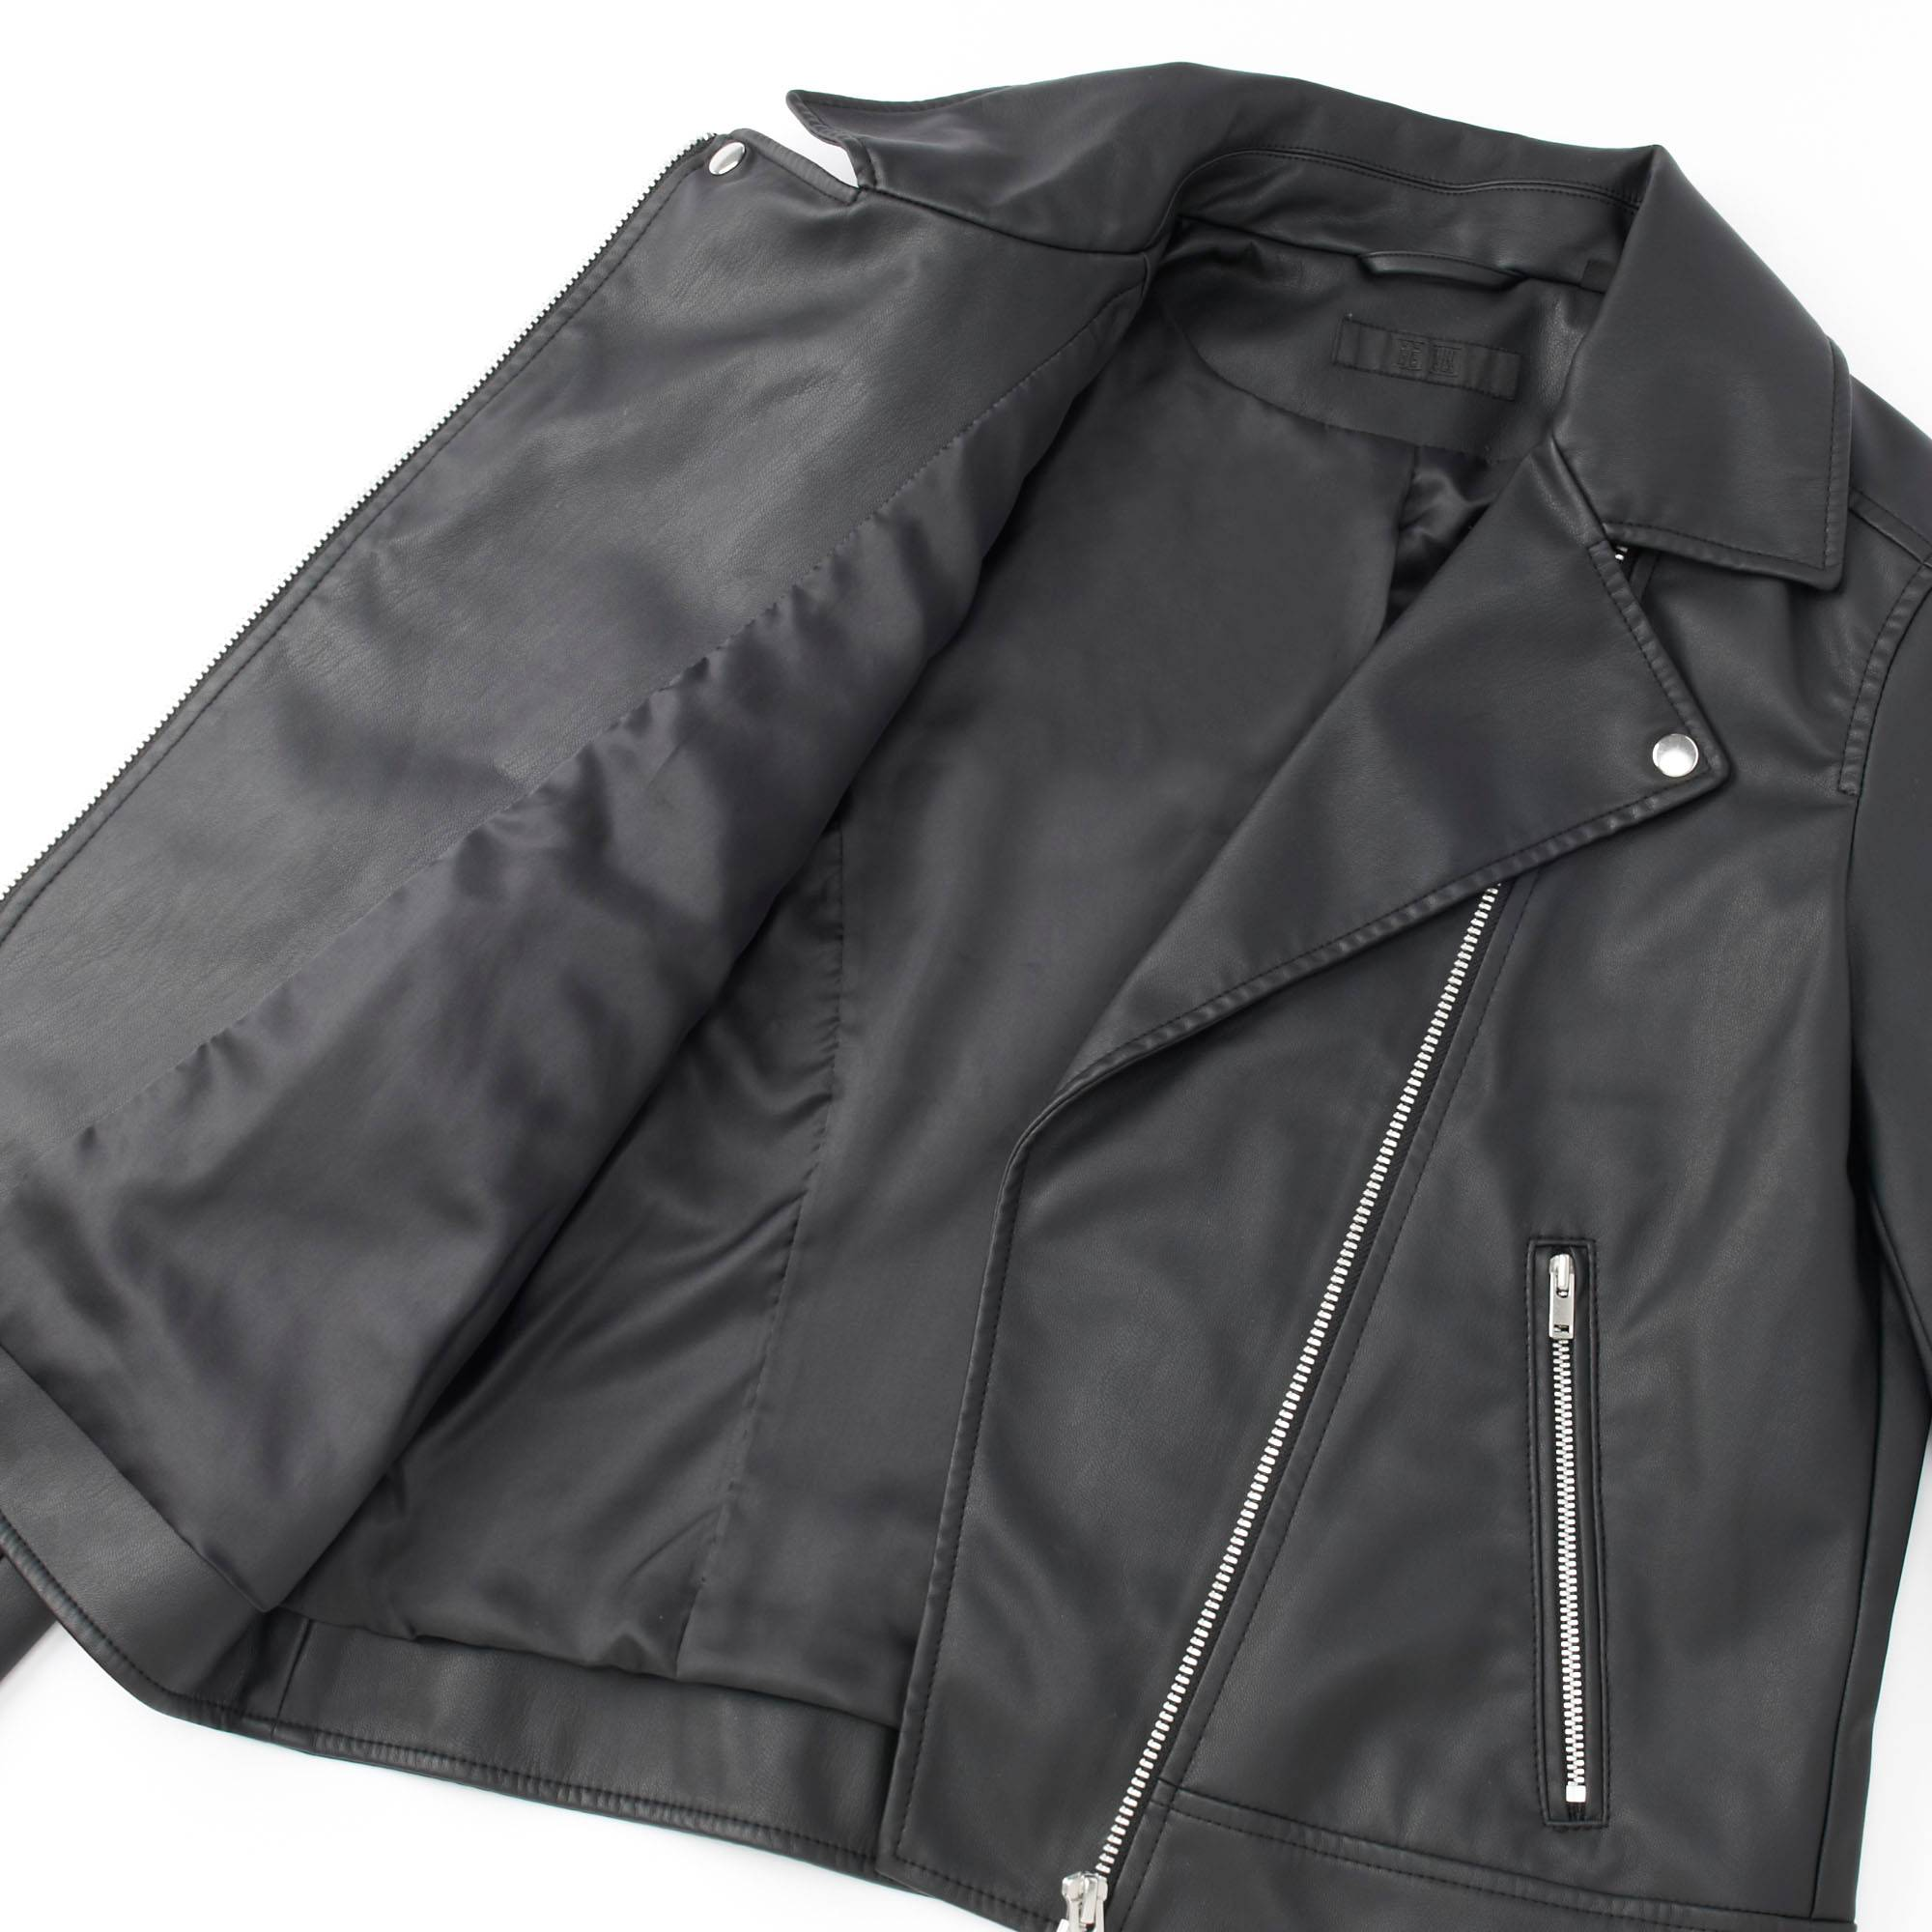 Leather jacket uniqlo - Women Moto Jacket Black Small